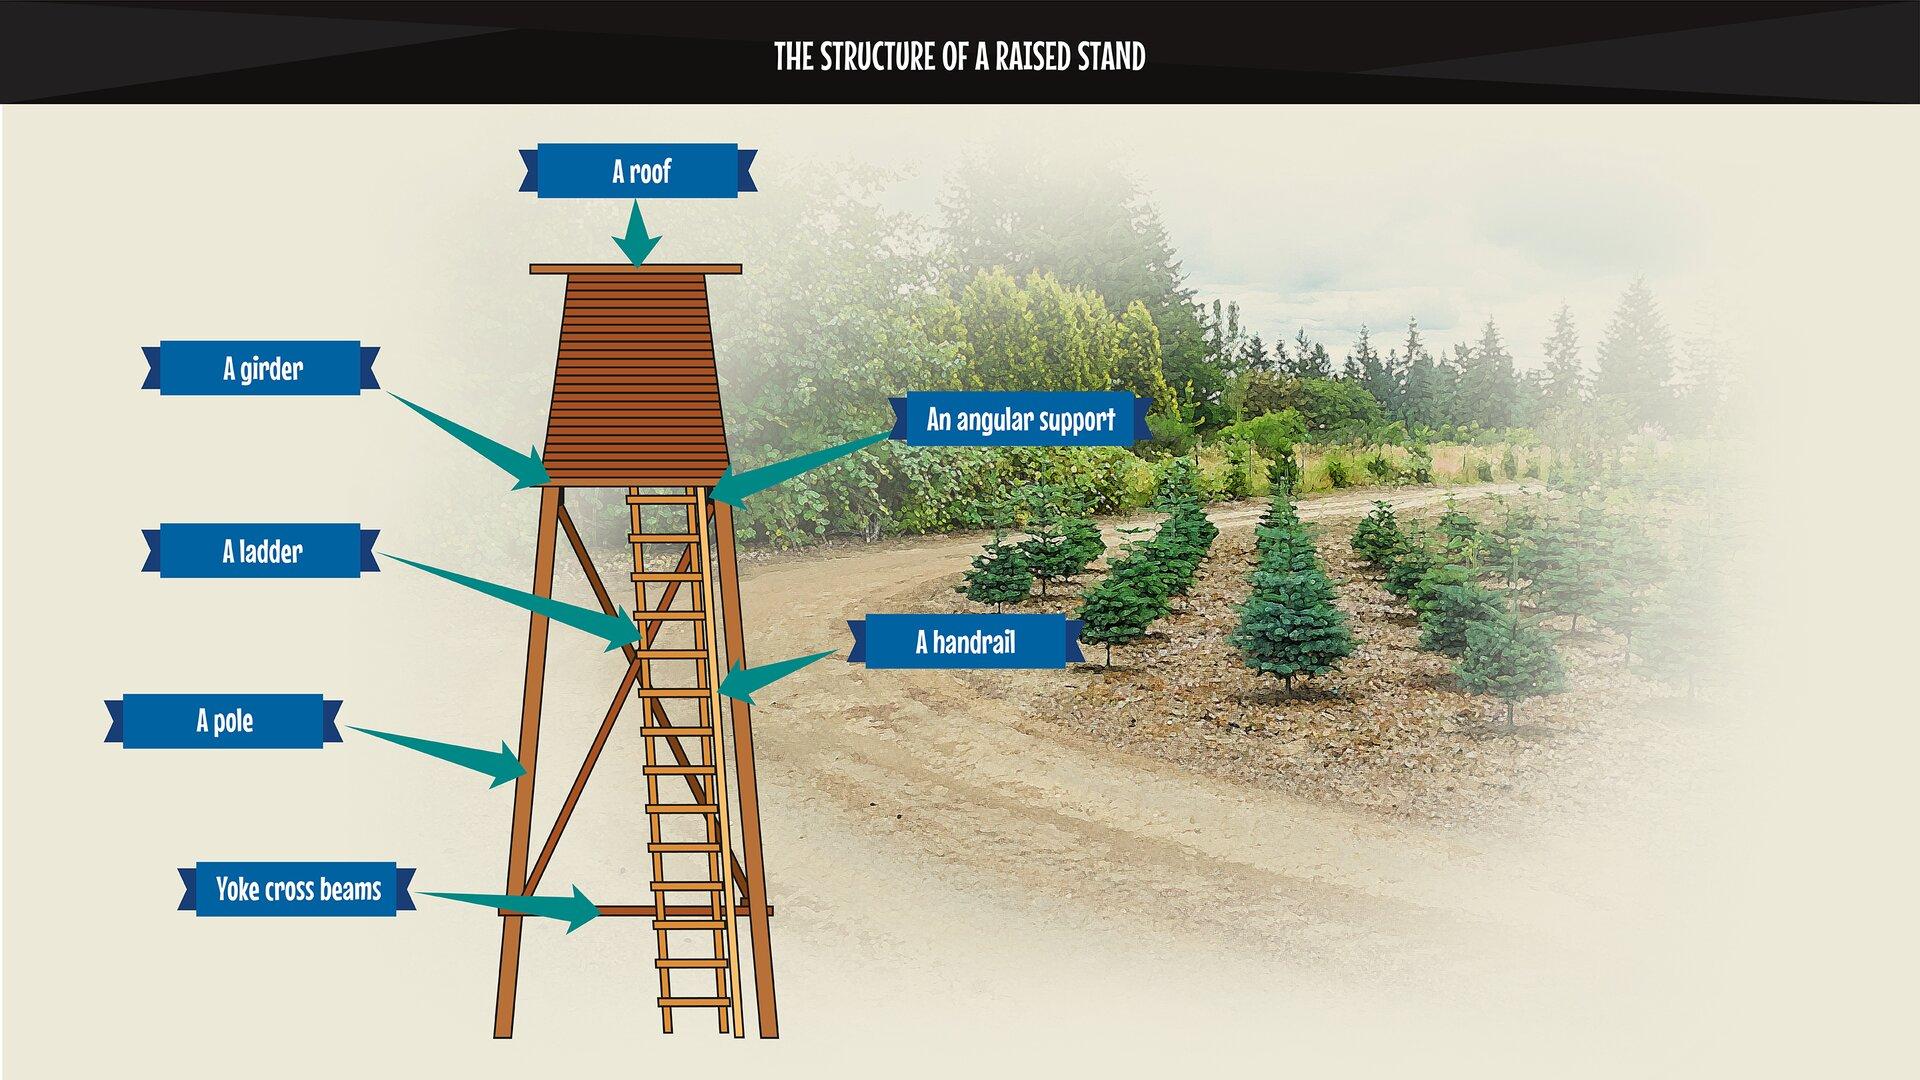 The photo presents the structure of araised stand with descriptions. Grafika przedstawia schemat budowy ambony zobjaśnieniami.